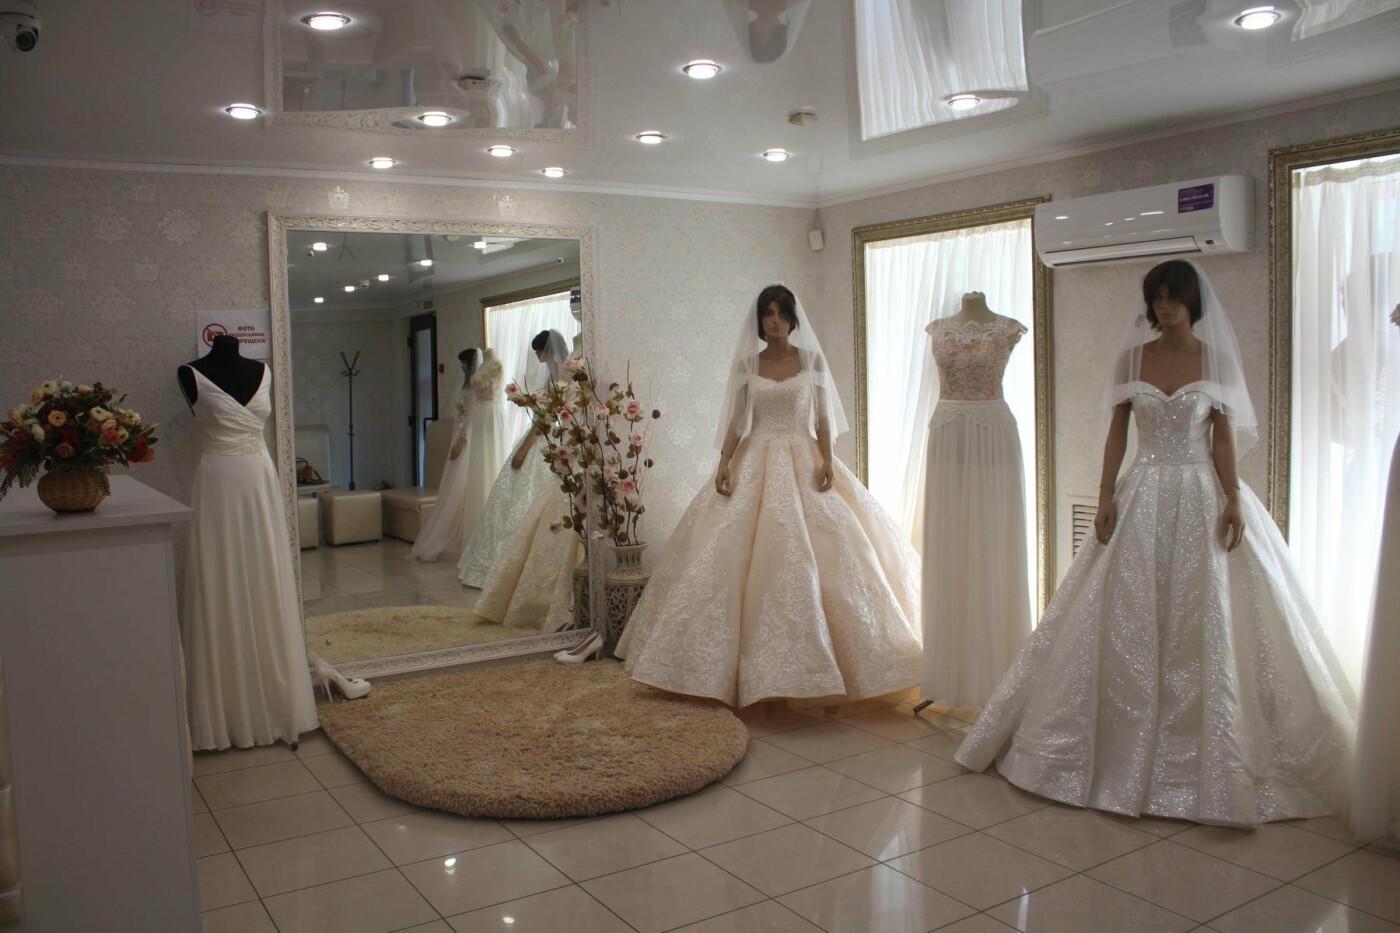 Выбираем платье мечты. Семь важных советов для будущей невесты, фото-5